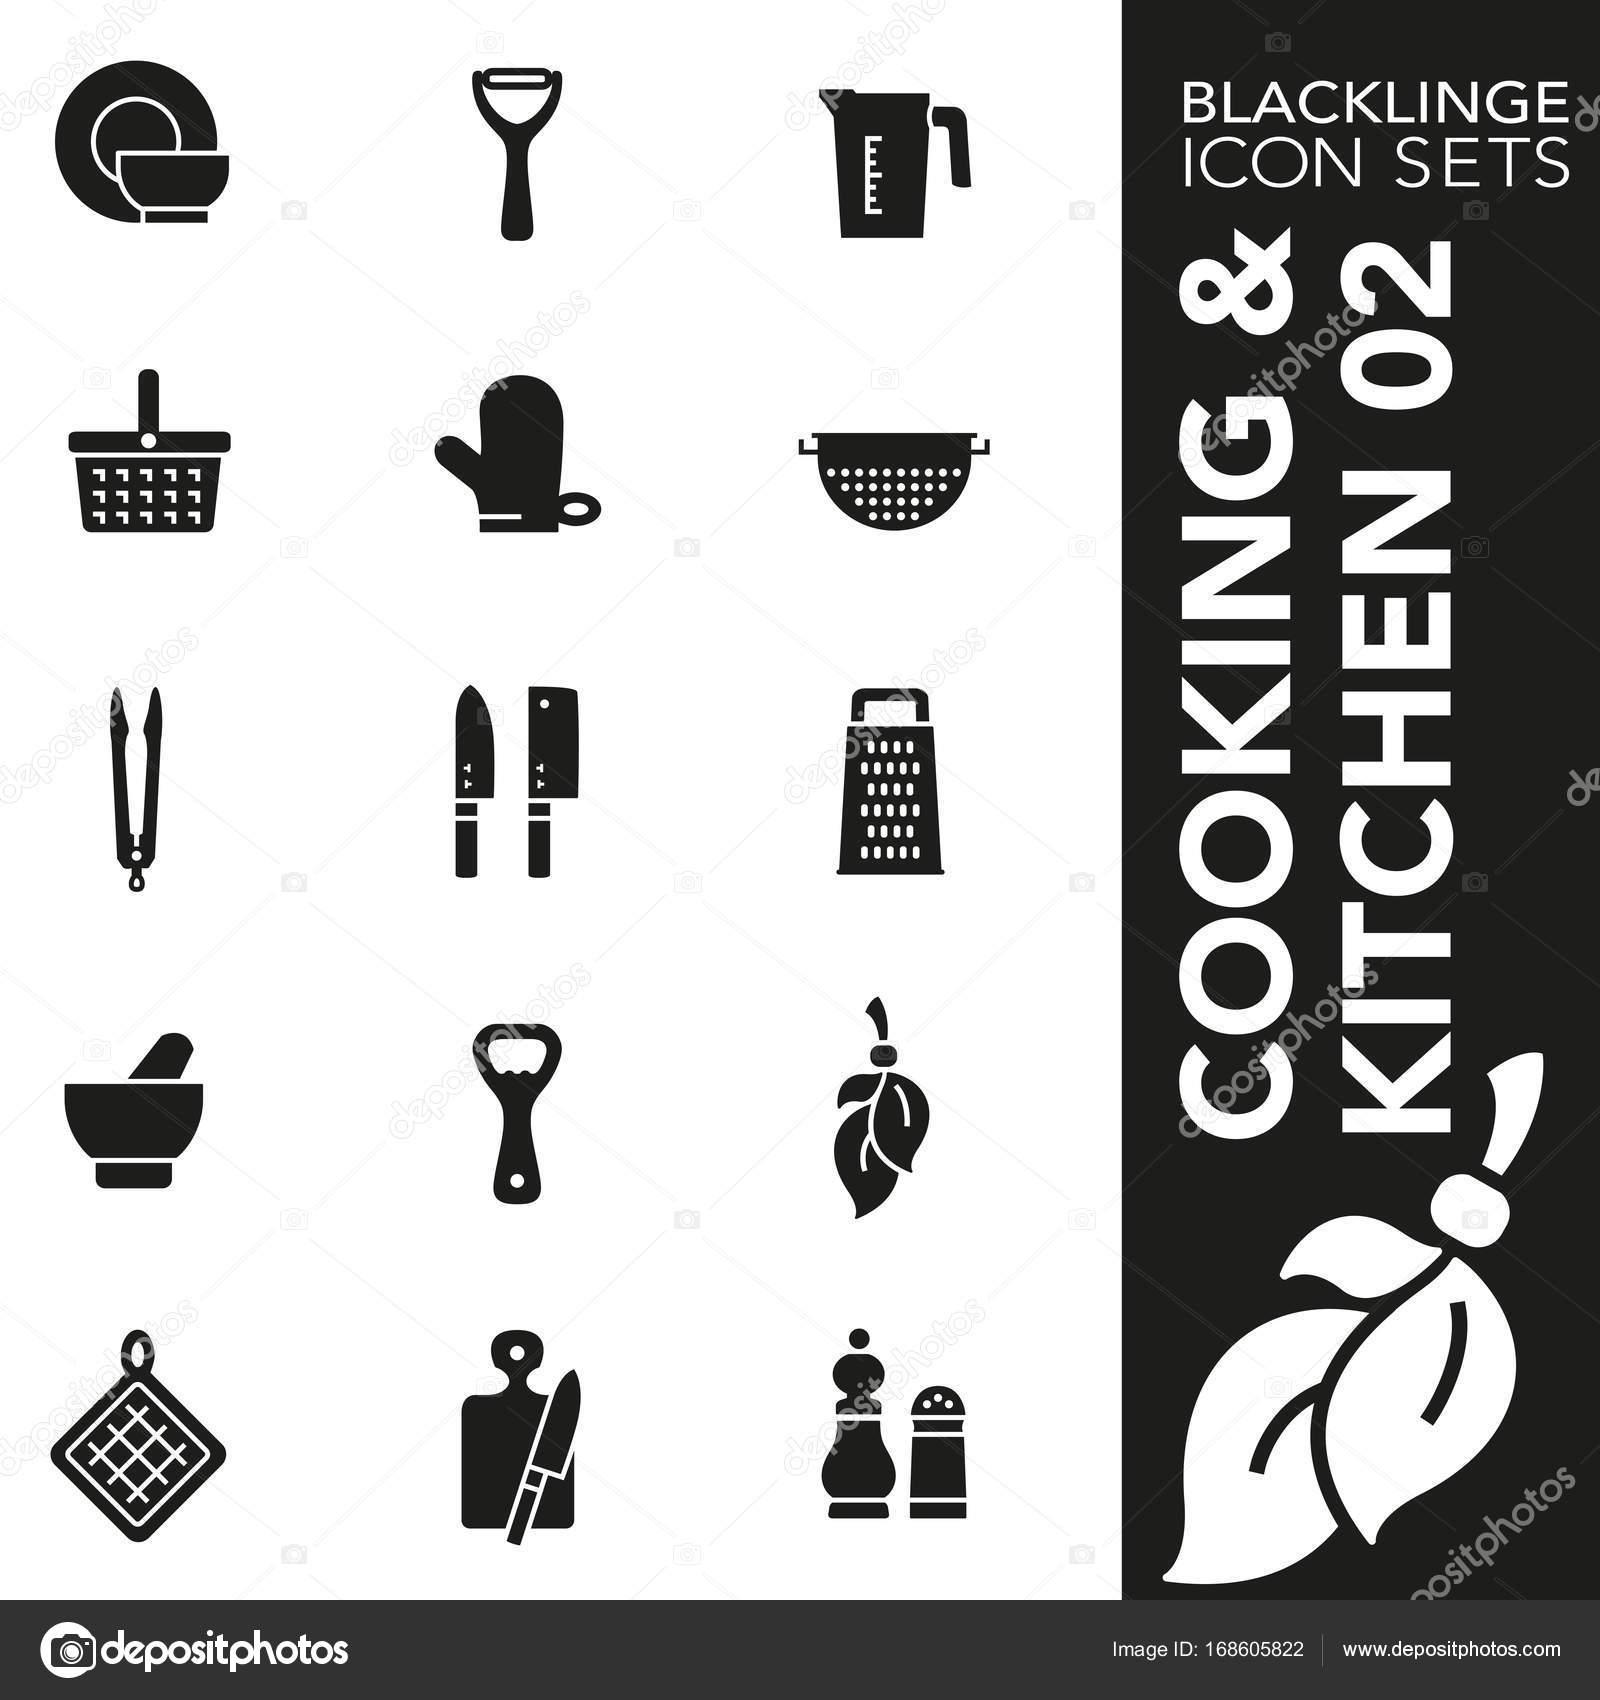 Blacklinge Kochen und Küche 02 schwarz und weiß-Icon-sets ...